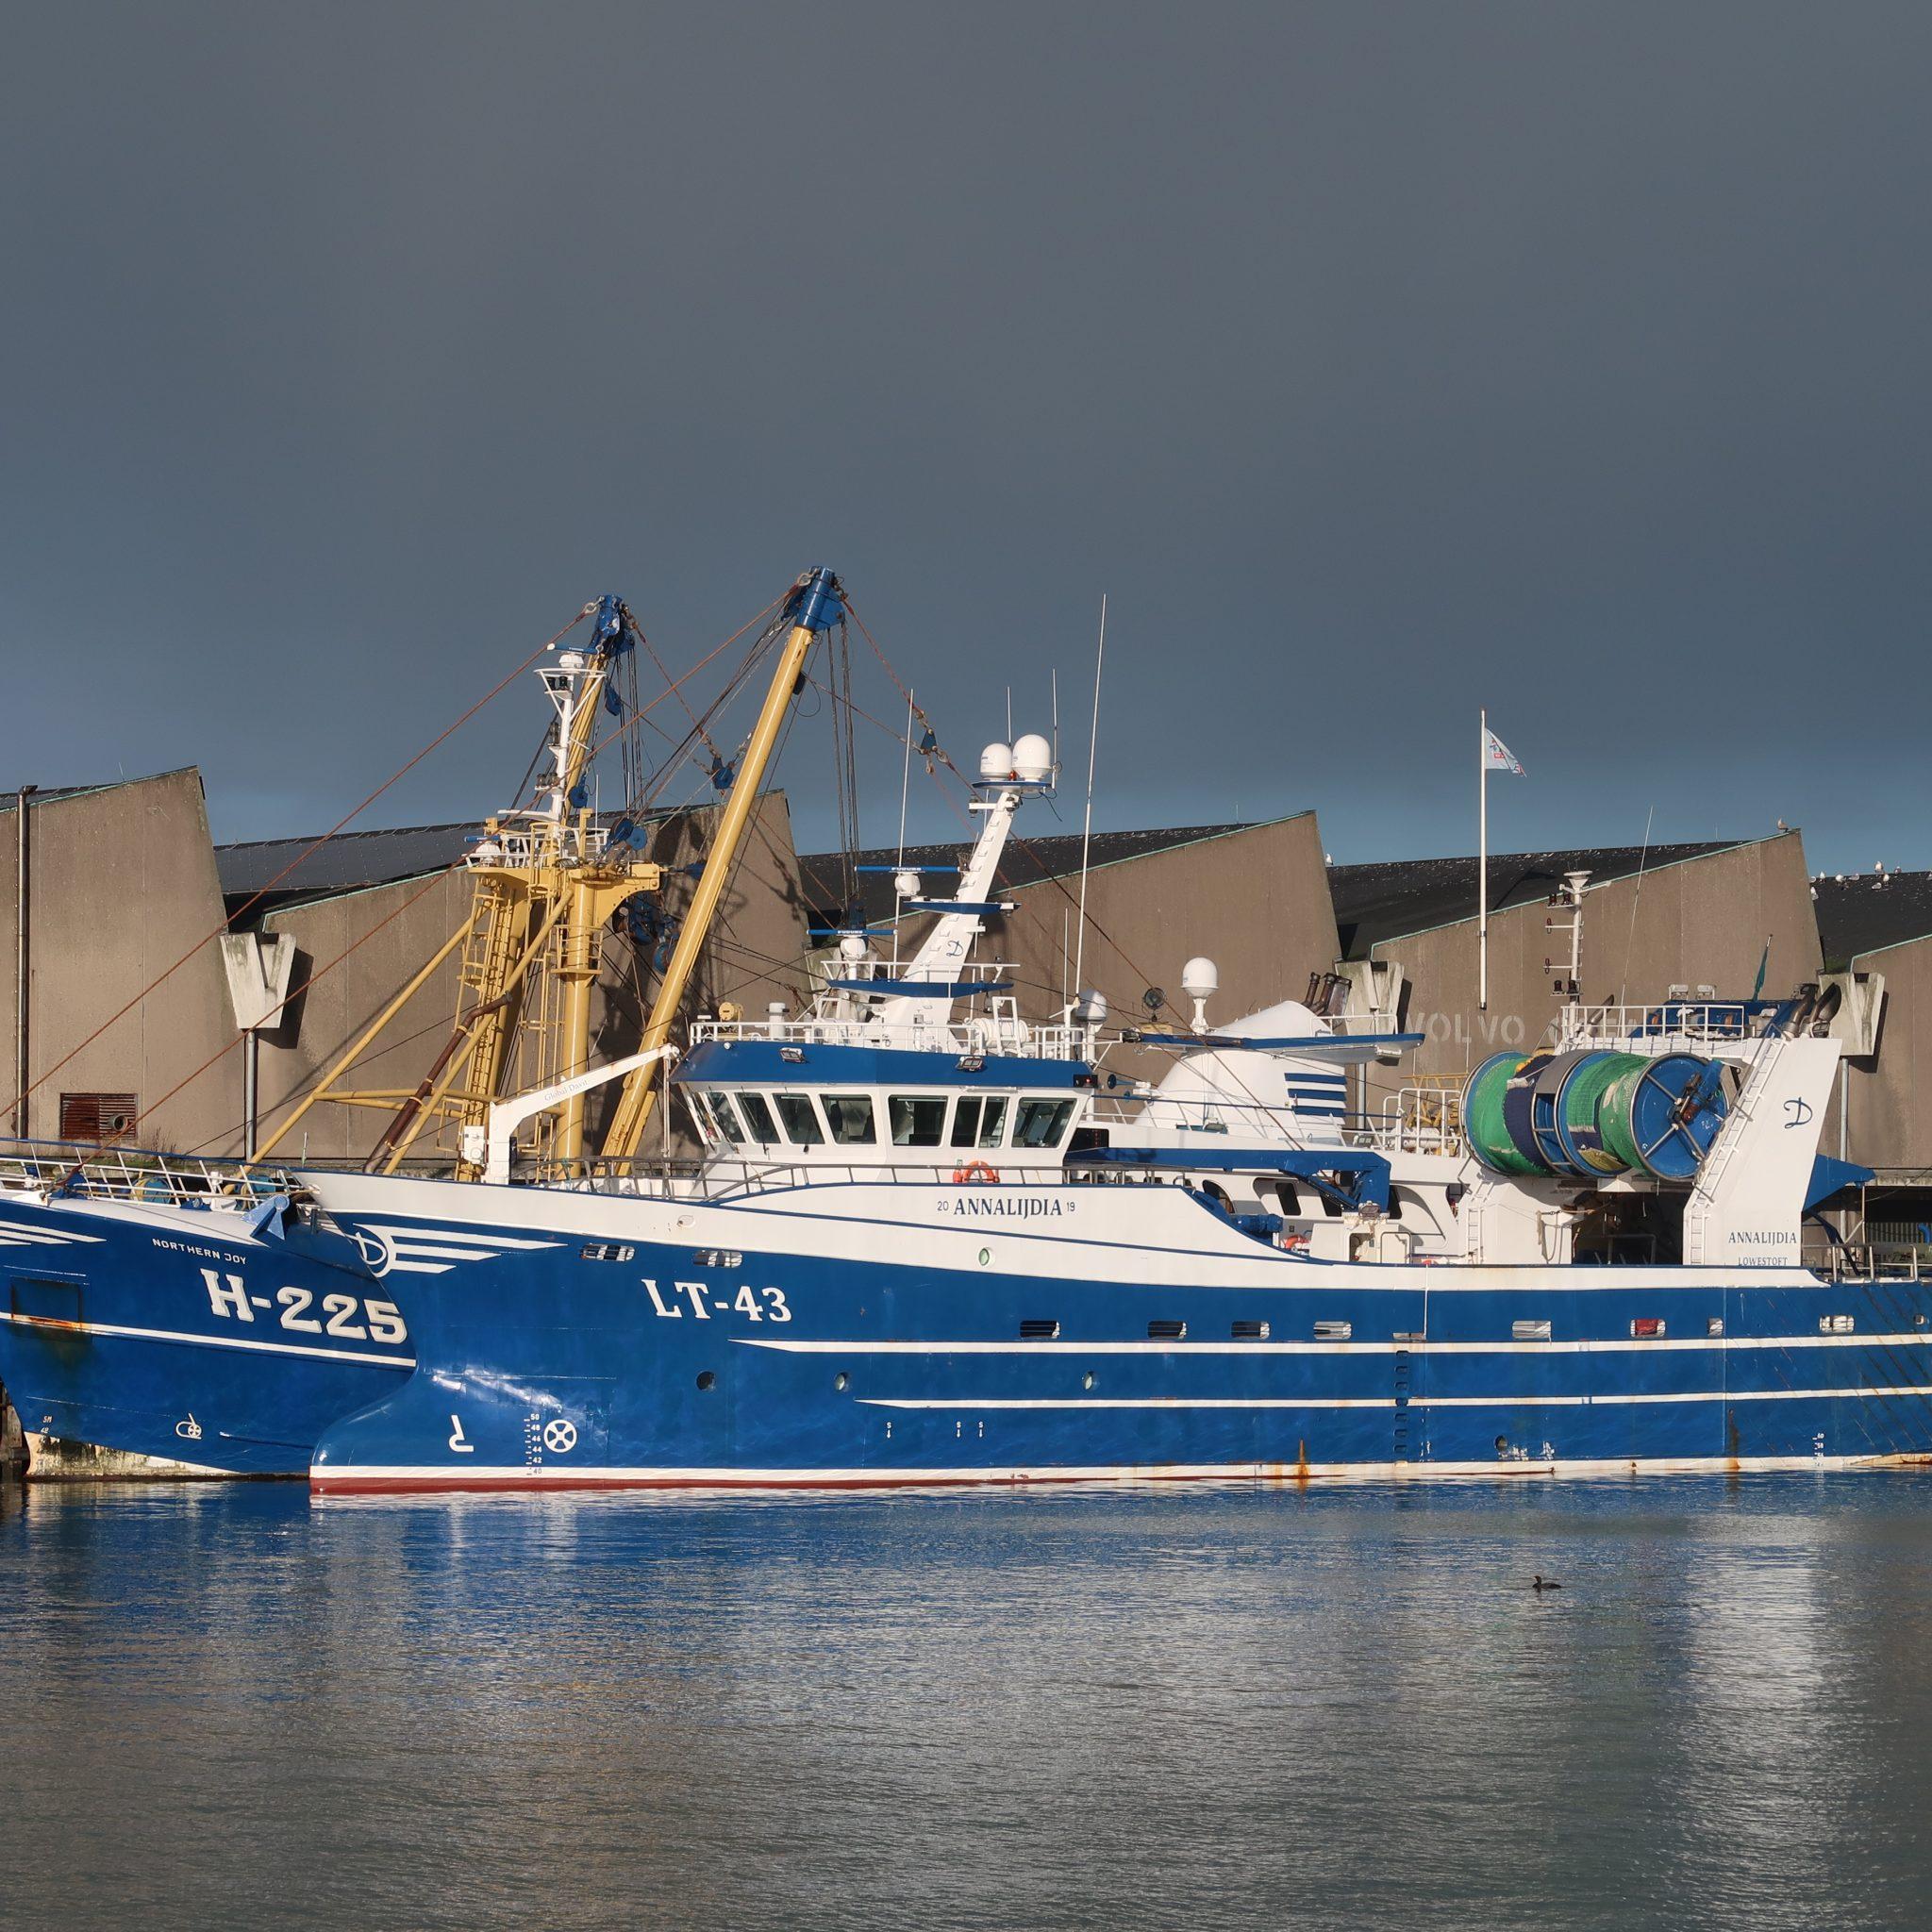 De aanvoer van de LT-43 in Newlyn zorgde begin dit jaar voor veel onrust. (Foto W.M. den Heijer)